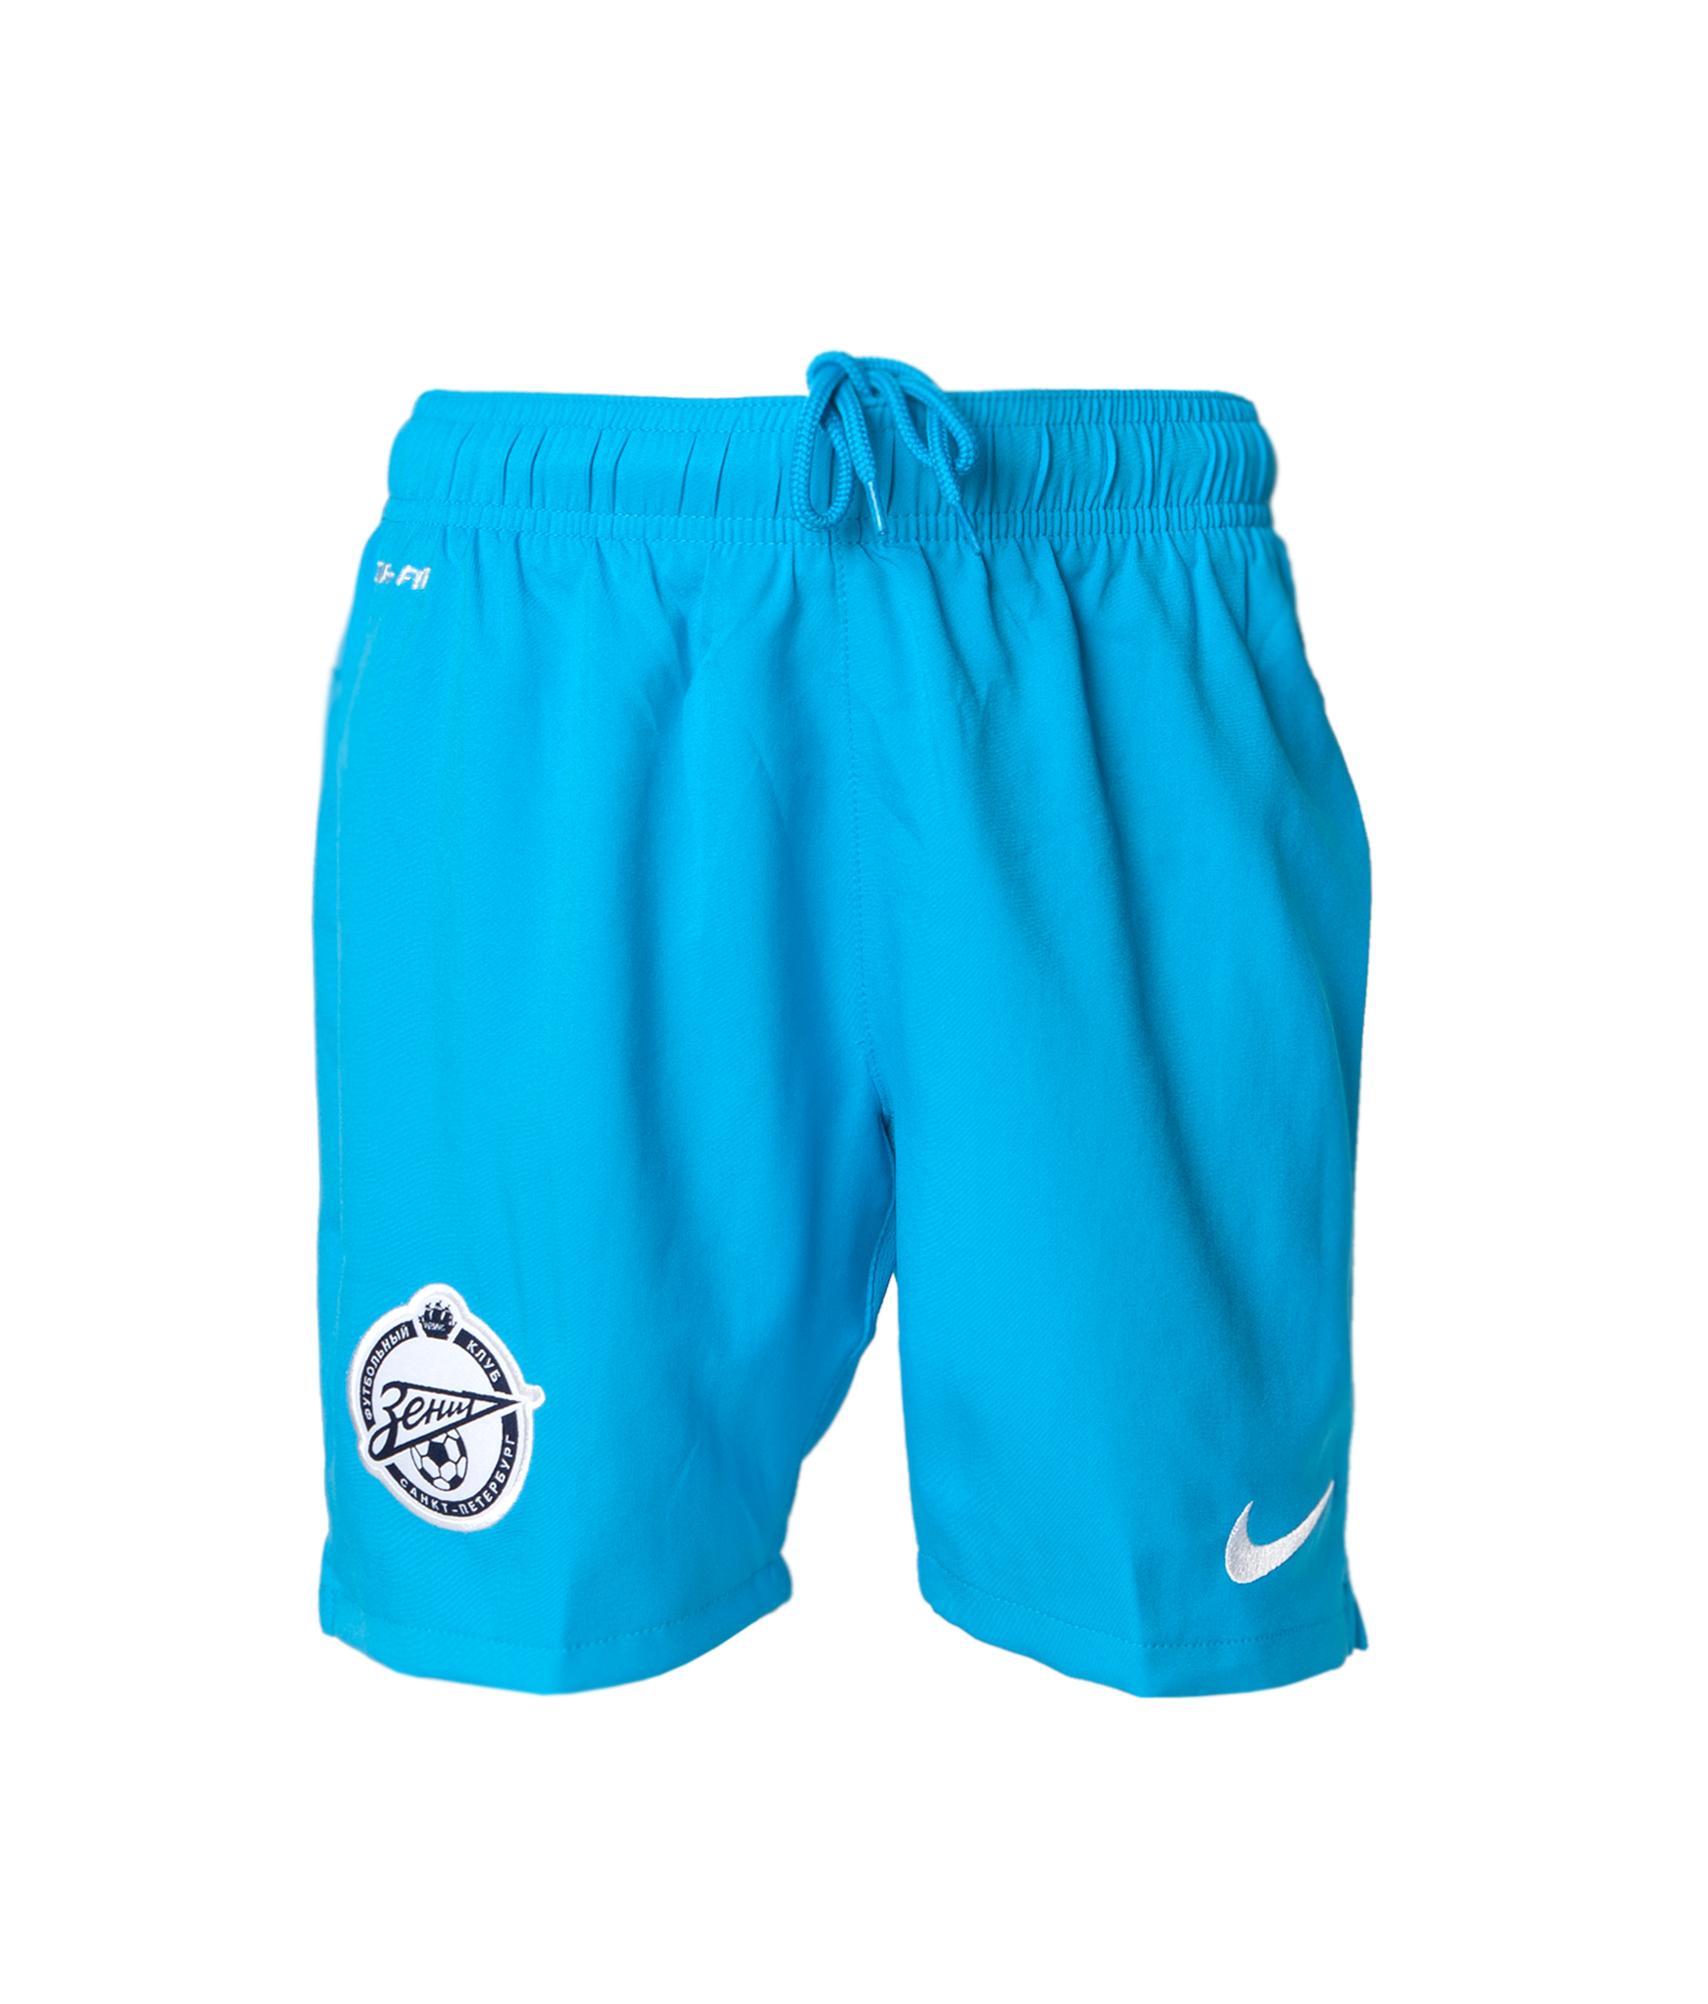 Шорты детские Nike 2012, Цвет-Синий, Размер-M